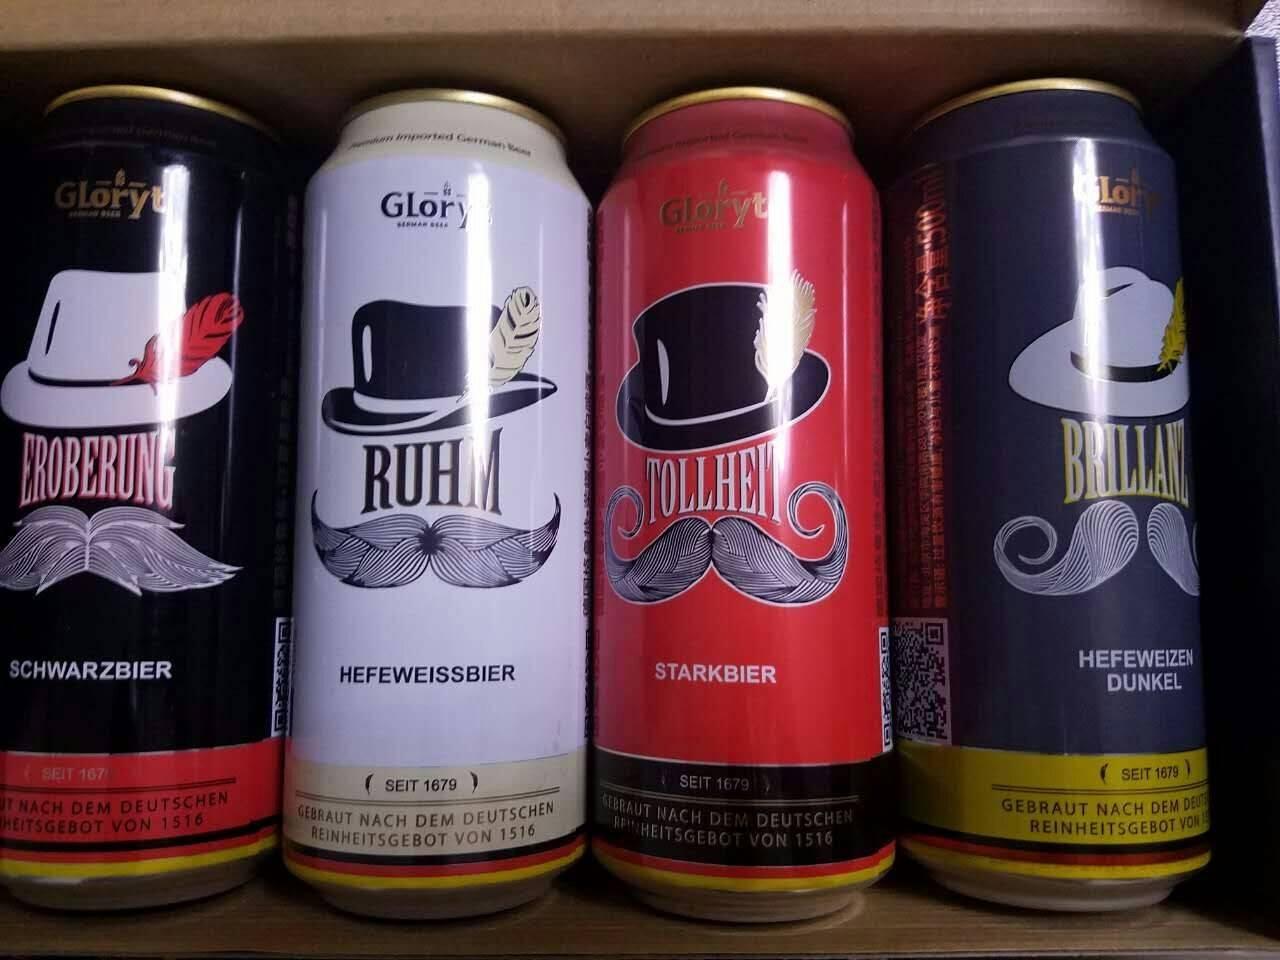 格鲁特啤酒多少钱一瓶-这种酒多少钱一瓶-大麦丫-精酿啤酒连锁超市,工厂店平价酒吧免费加盟